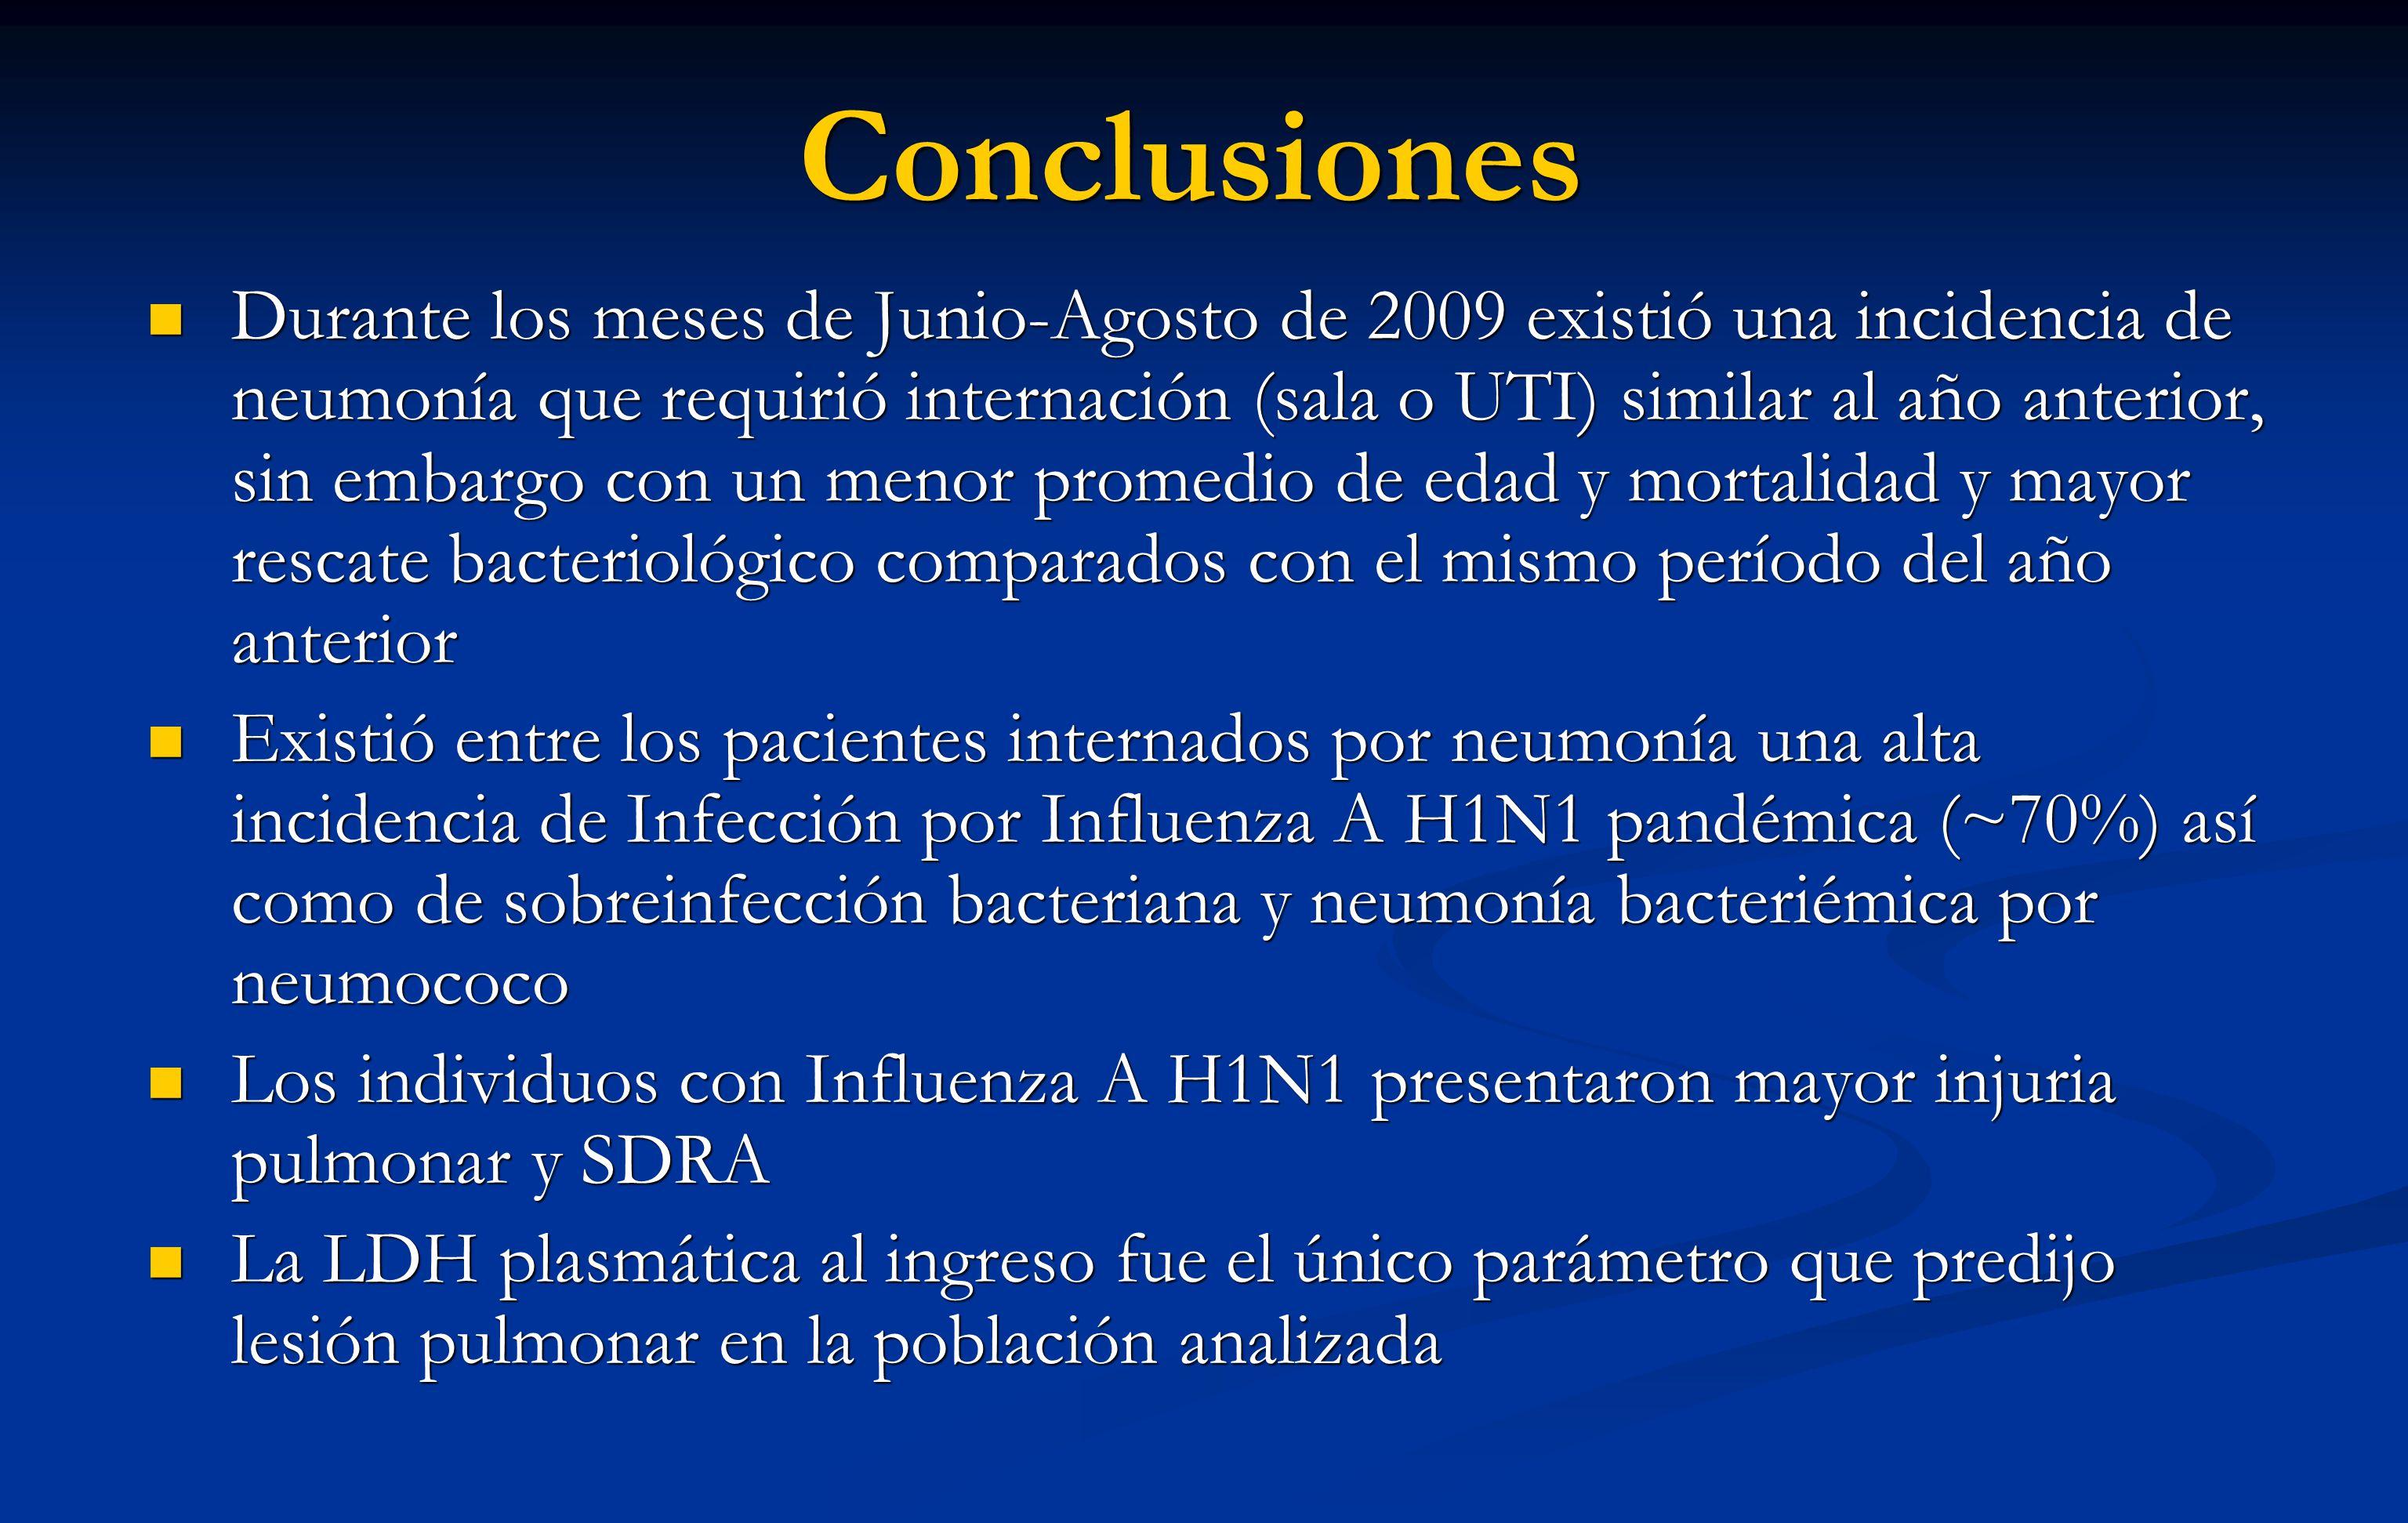 Conclusiones Durante los meses de Junio-Agosto de 2009 existió una incidencia de neumonía que requirió internación (sala o UTI) similar al año anterio